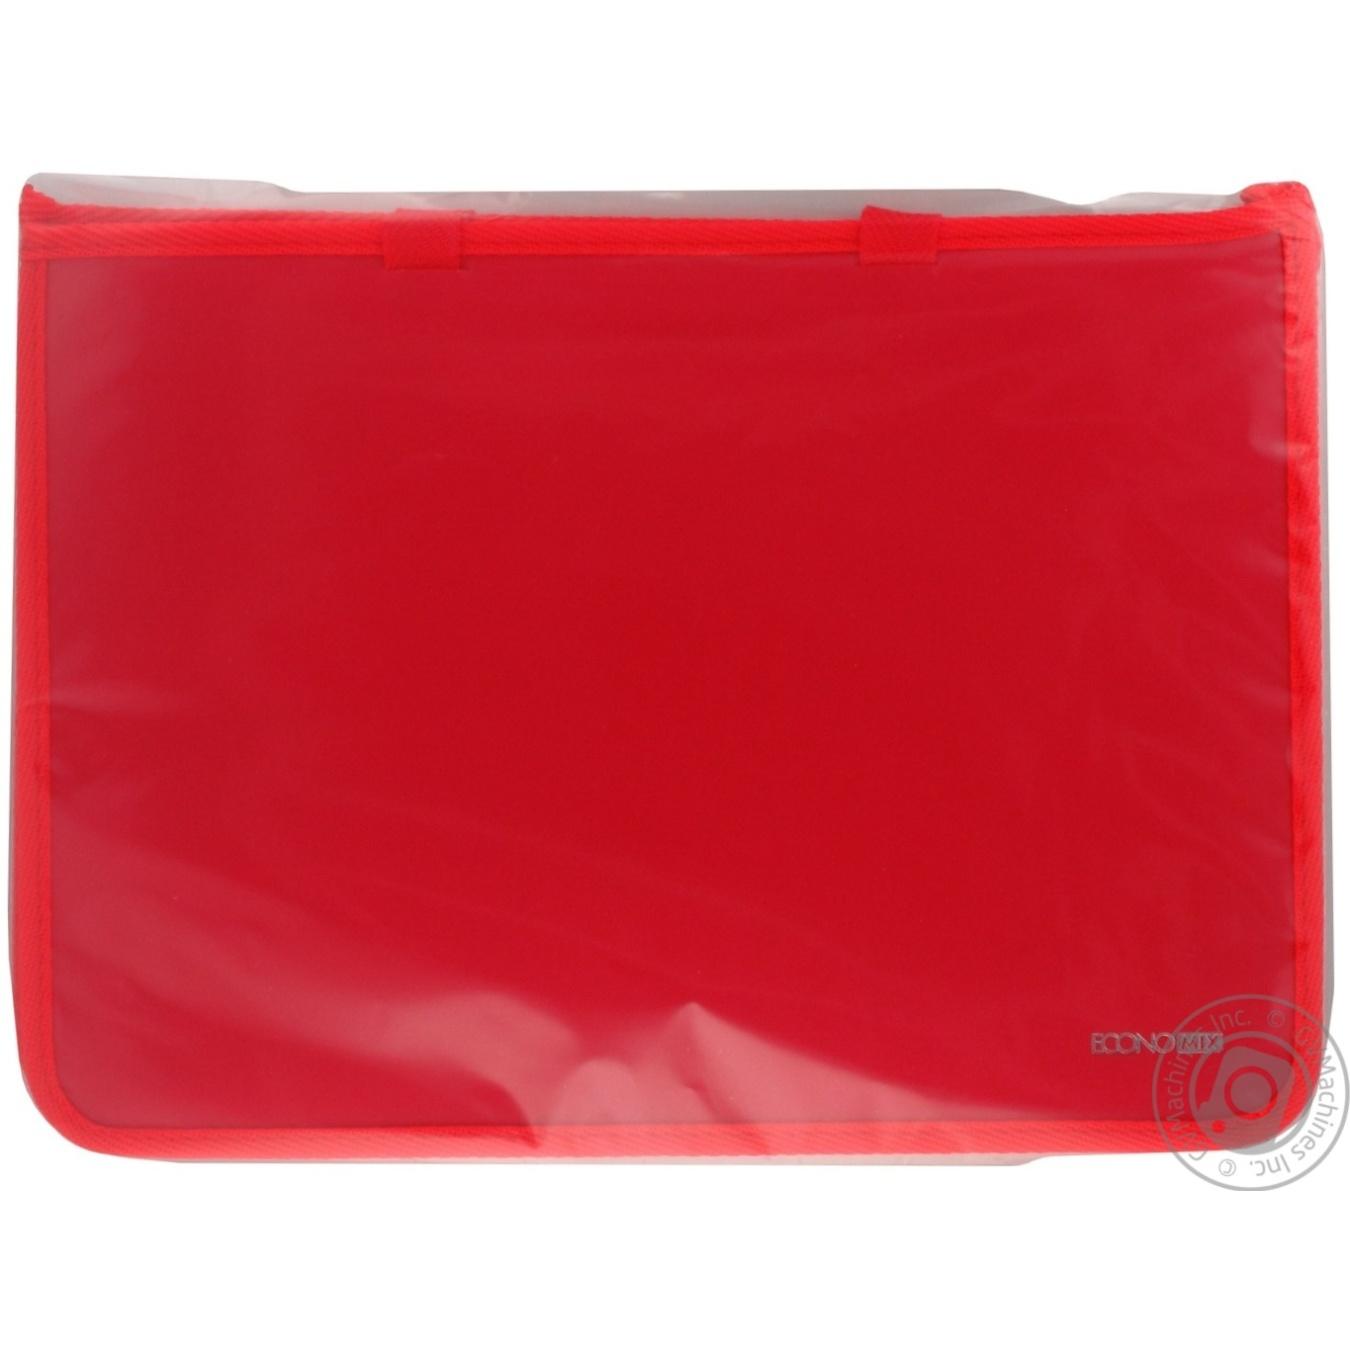 Купить Портфель Economix пластиковый на молнии